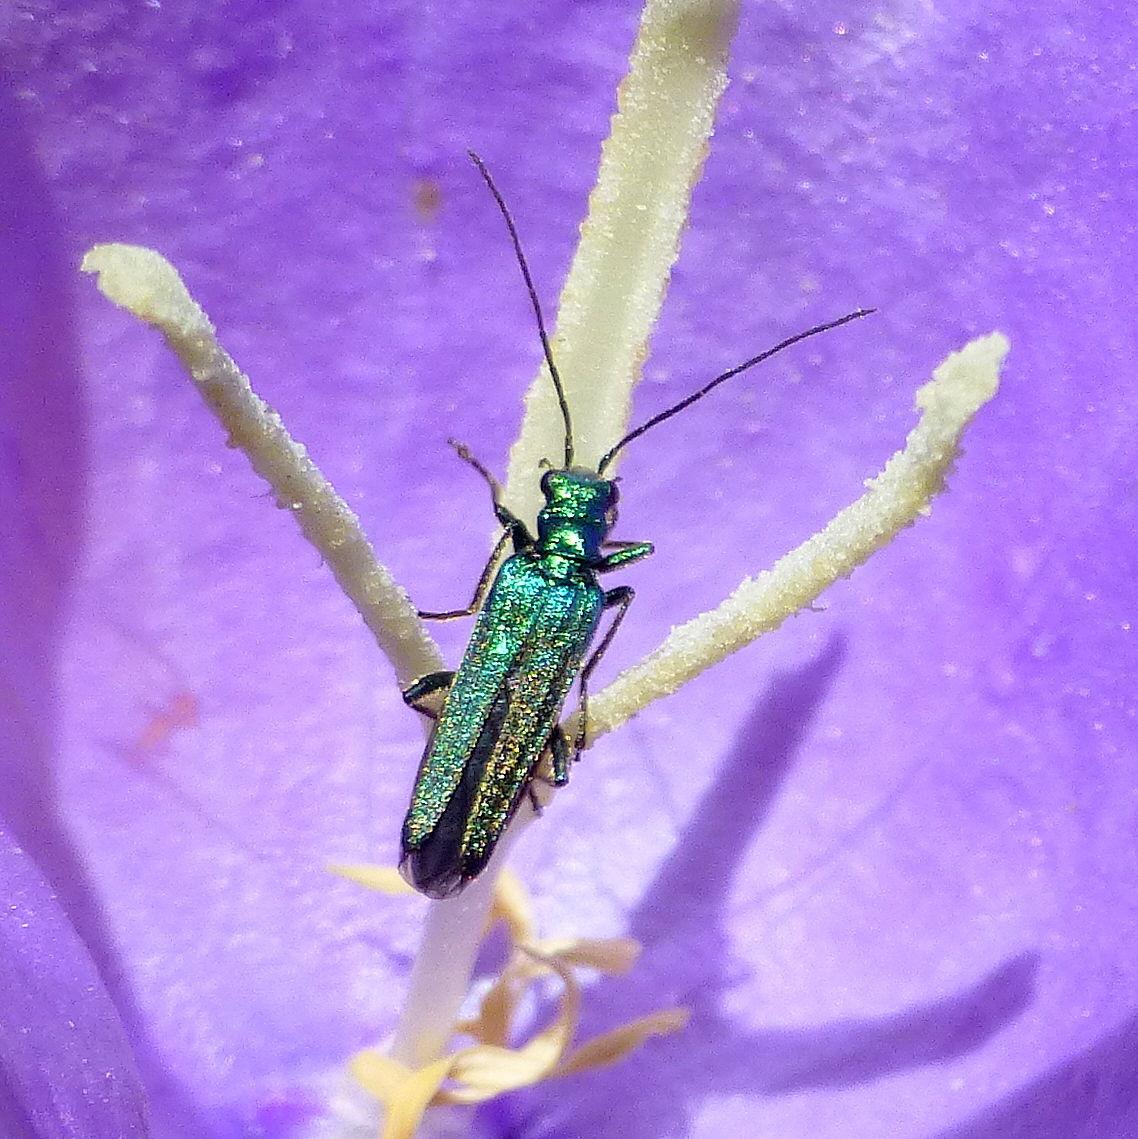 petit insecte bleu-vert à reflets métalliques : Oedemera nobilis